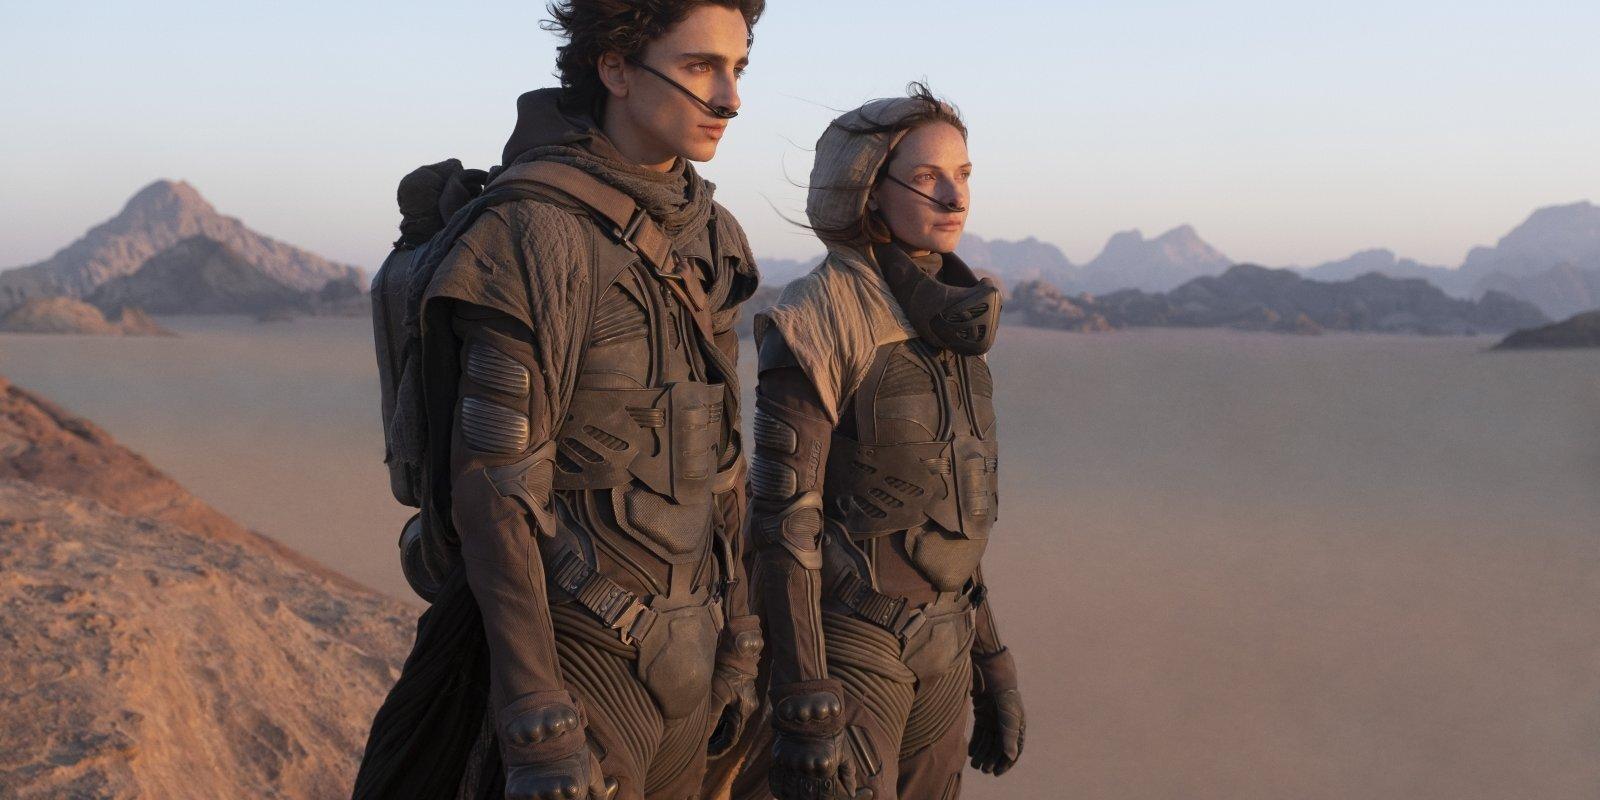 Pārceltās pirmizrādes. 11 filmas, kuras beidzot sagaidīsim 2021. gadā